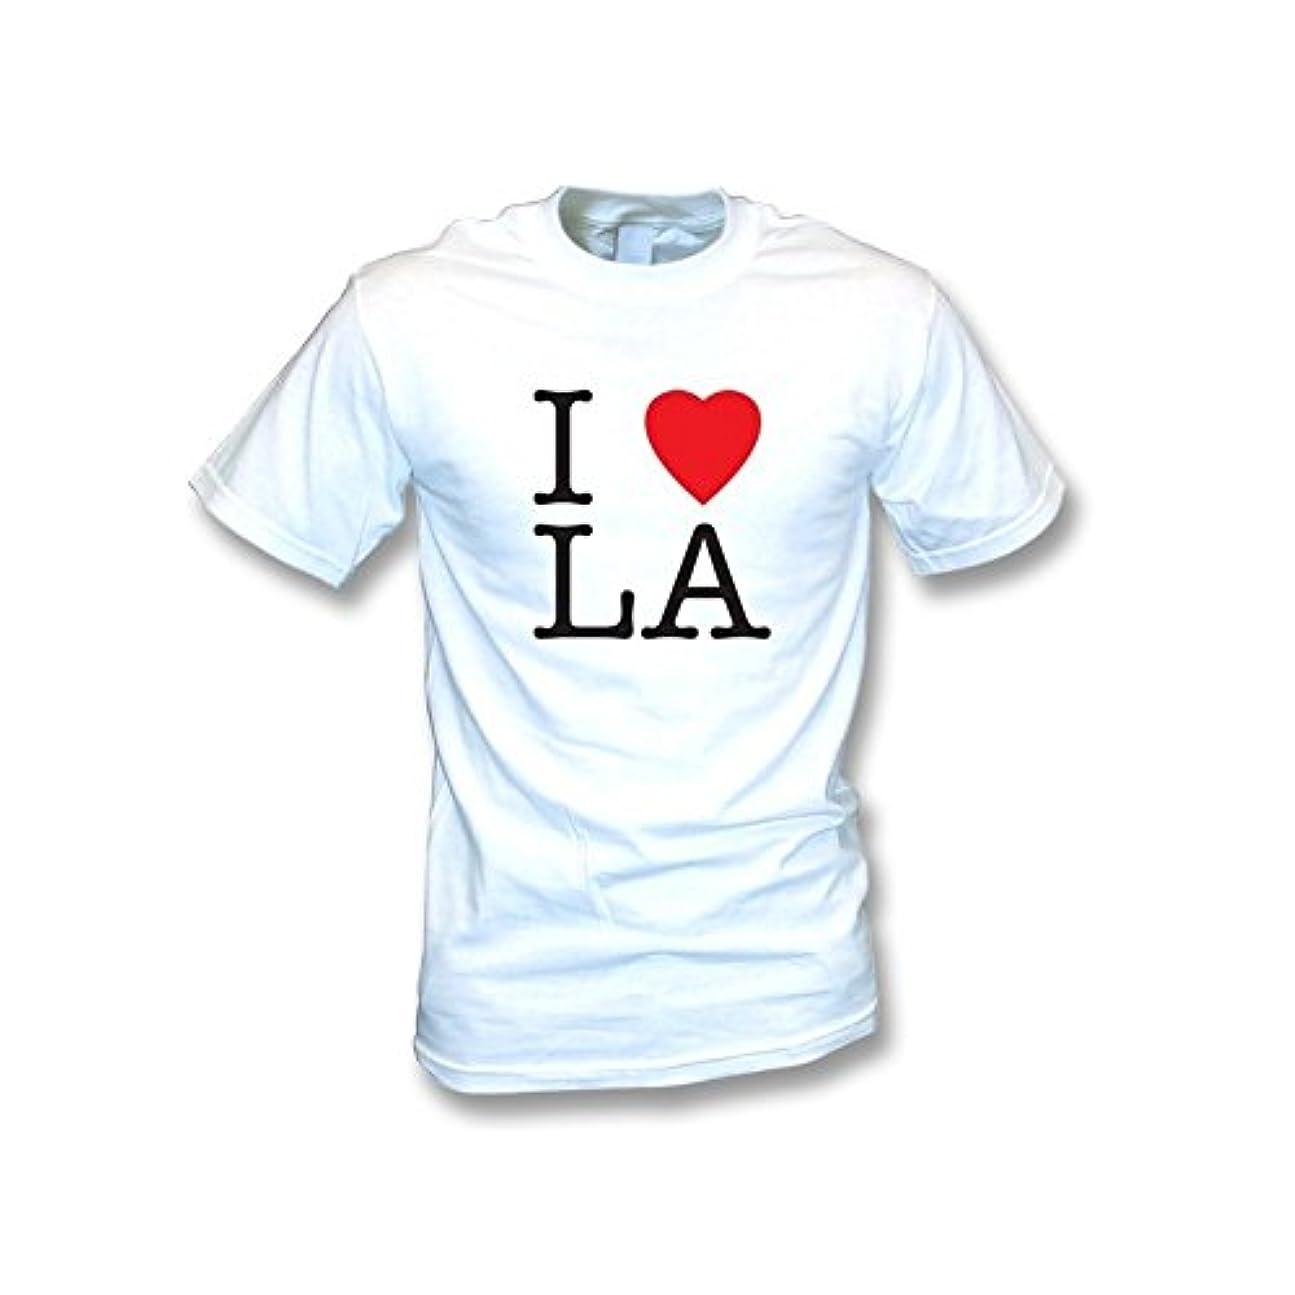 発言するボット容赦ないI Love LA Tシャツ